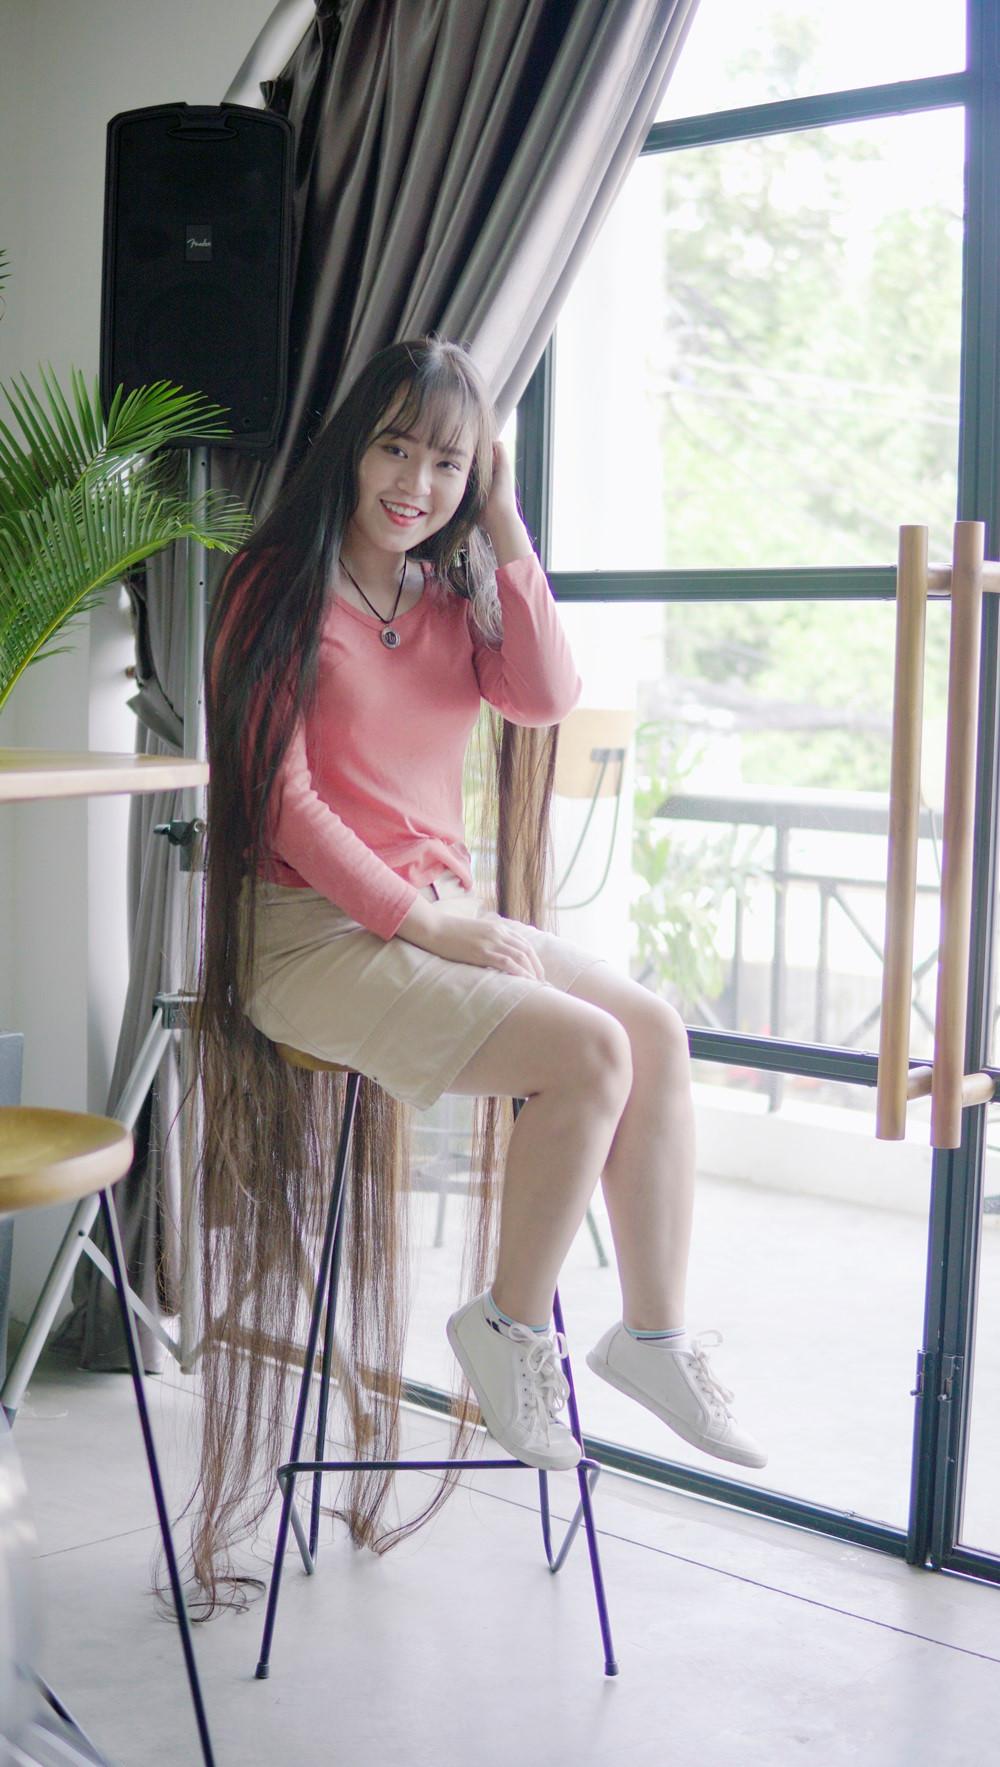 9X Sài Gòn kiếm chục triệu mỗi tháng nhờ có mái tóc dài 2 m-3